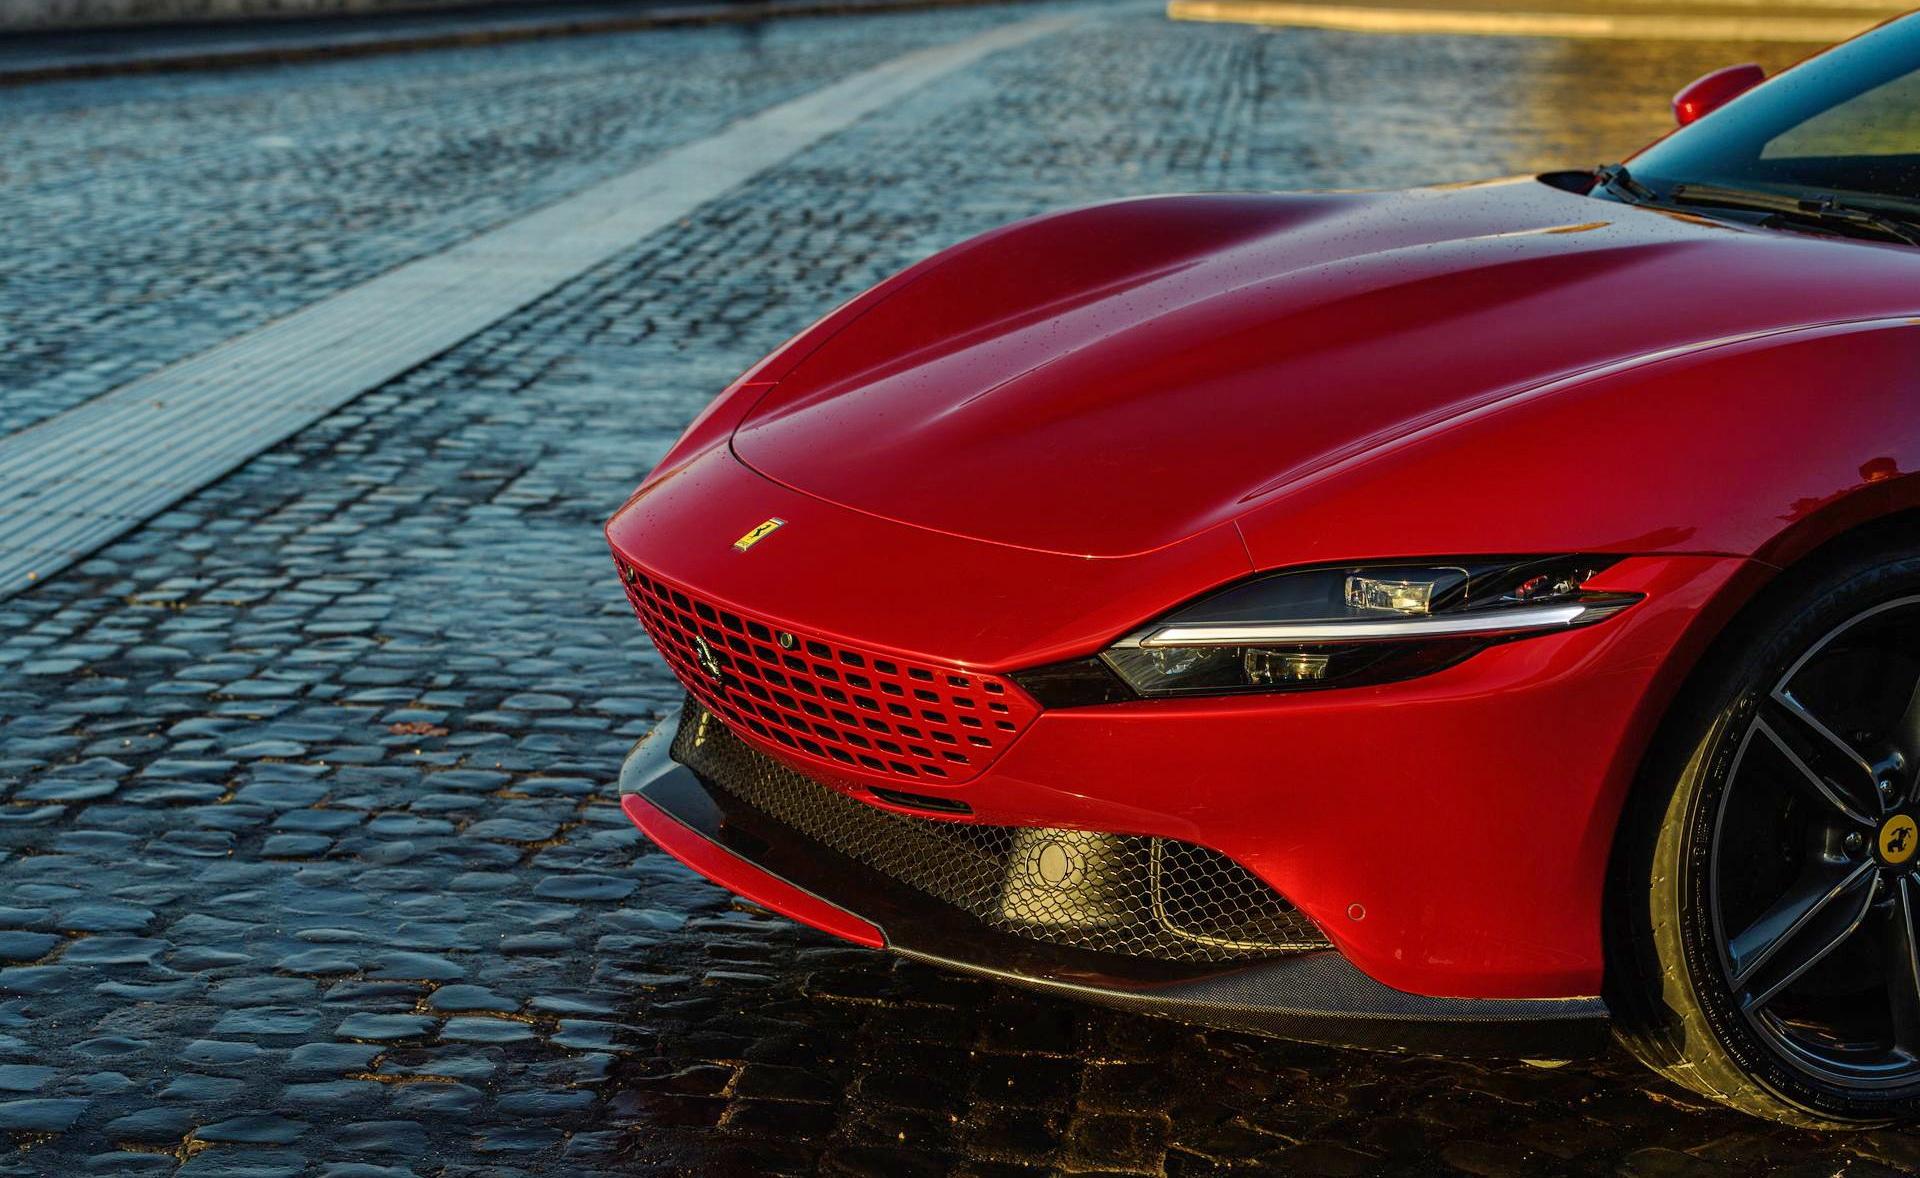 Θα ενδώσει και η Ferrari στα ηλεκτρικά αυτοκίνητα;